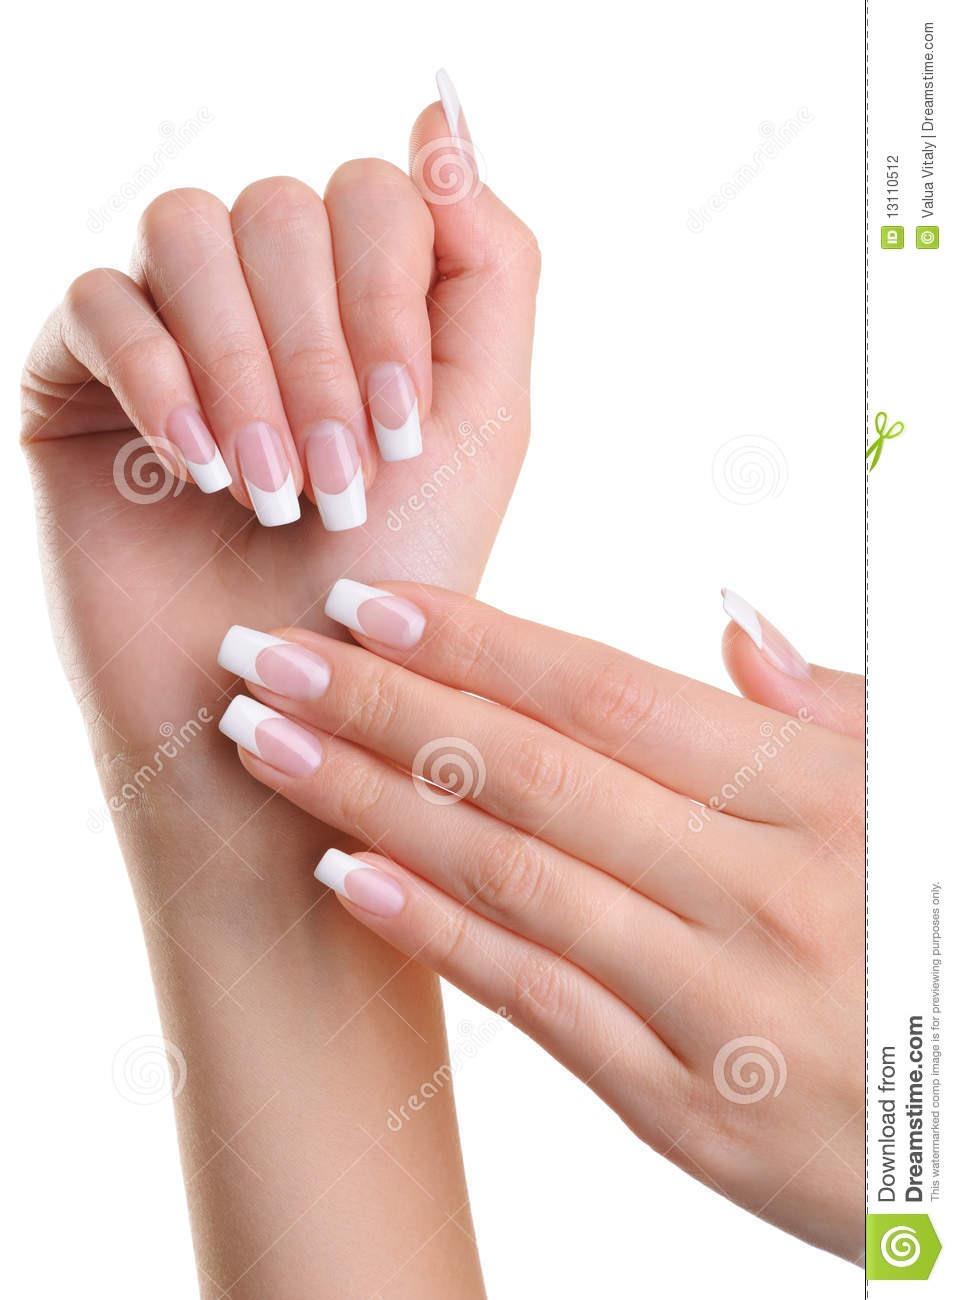 Как иметь здоровые, ухоженные, красивые руки и ногти 86